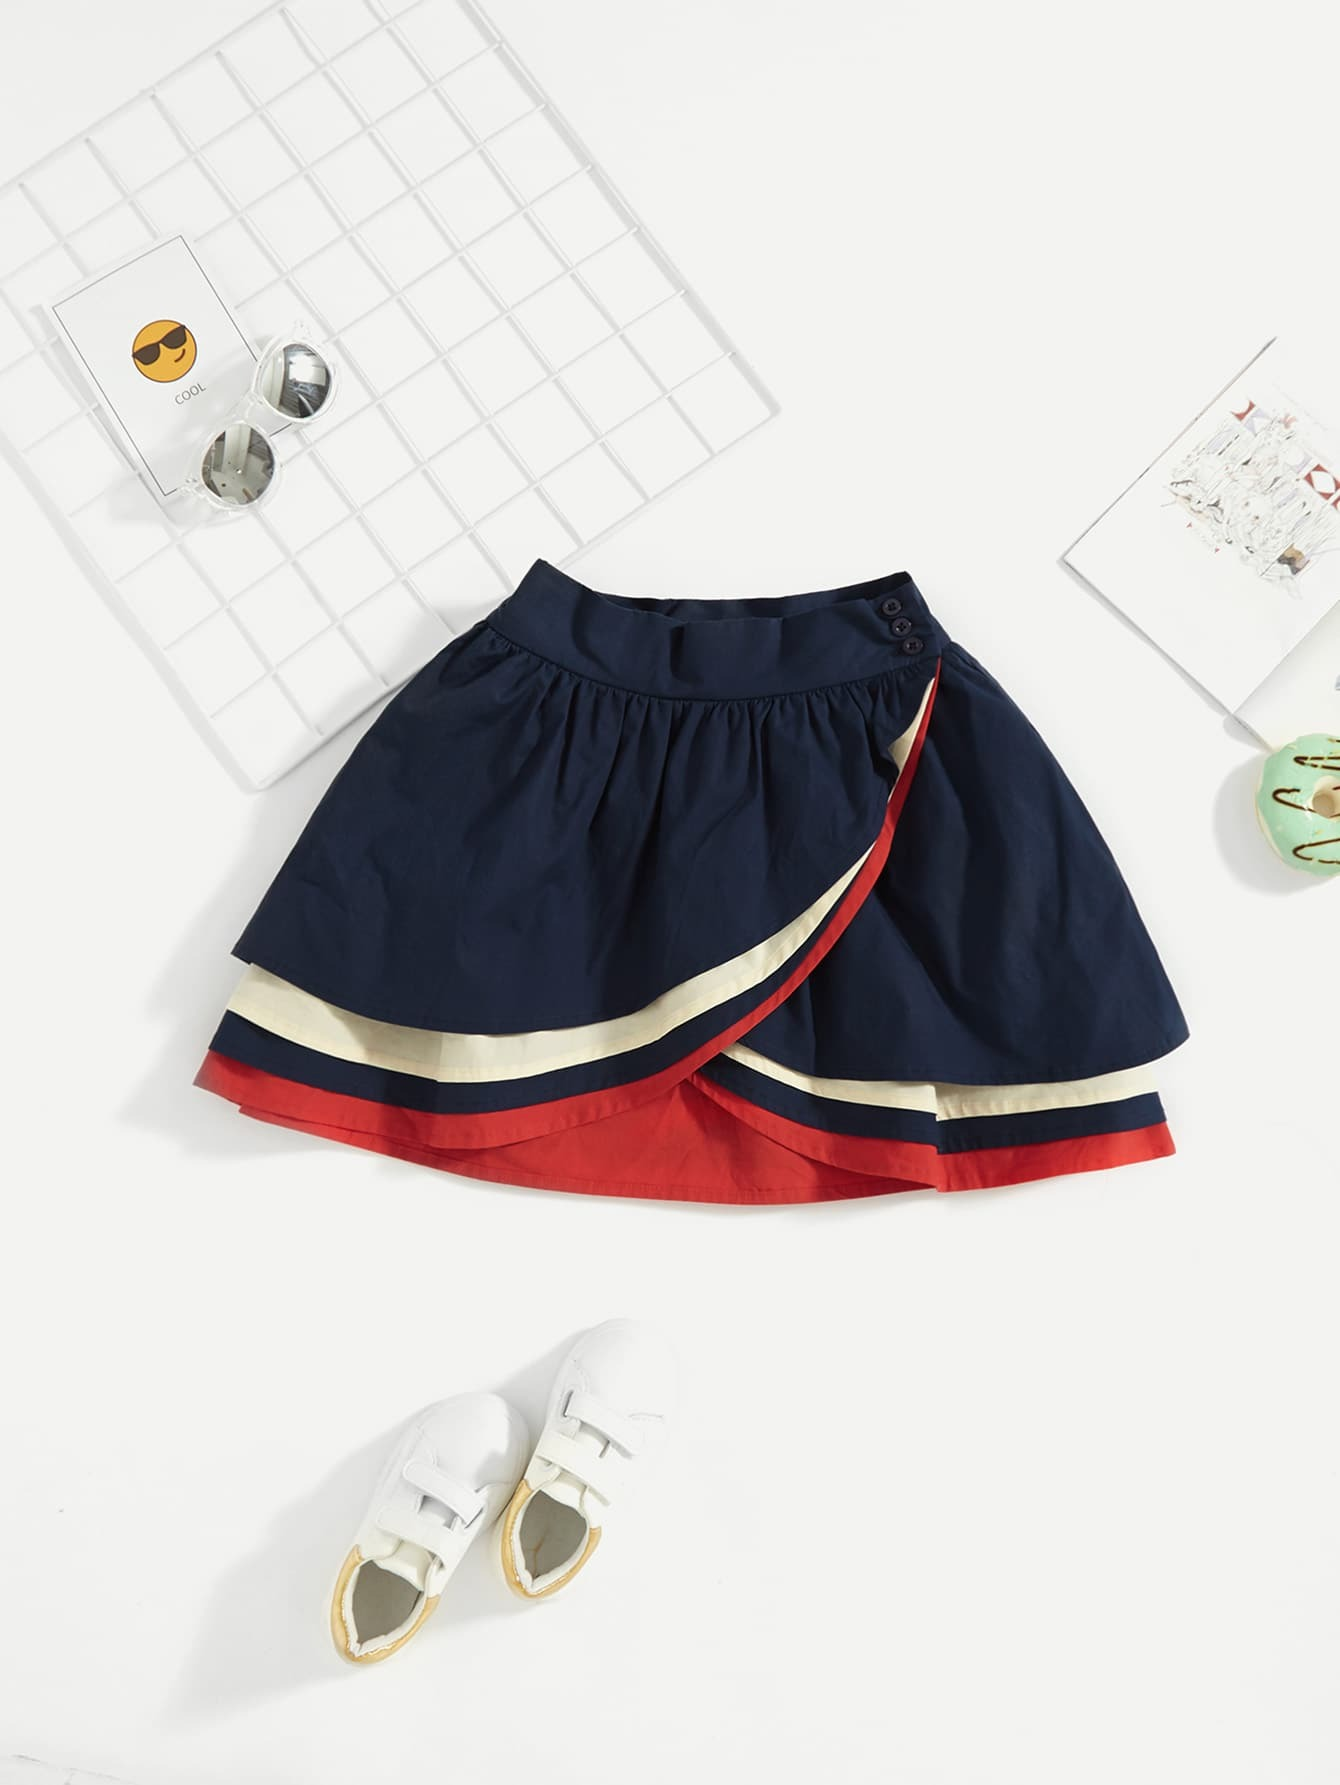 Купить Анимемированная юбка для девочек, null, SheIn